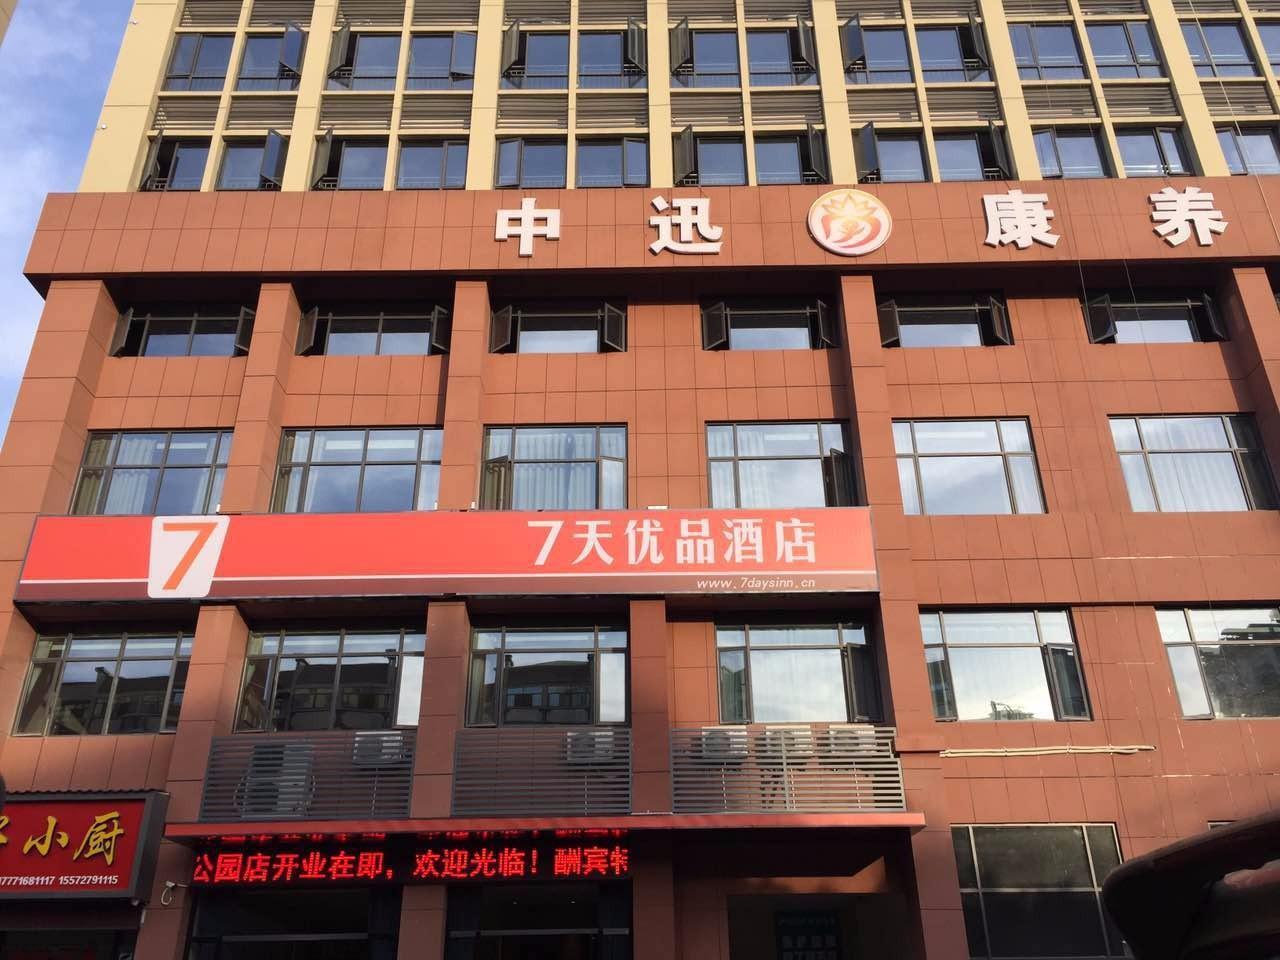 7 Days Premium·Yichang Wanda Plaza Yunhe Park, Yichang